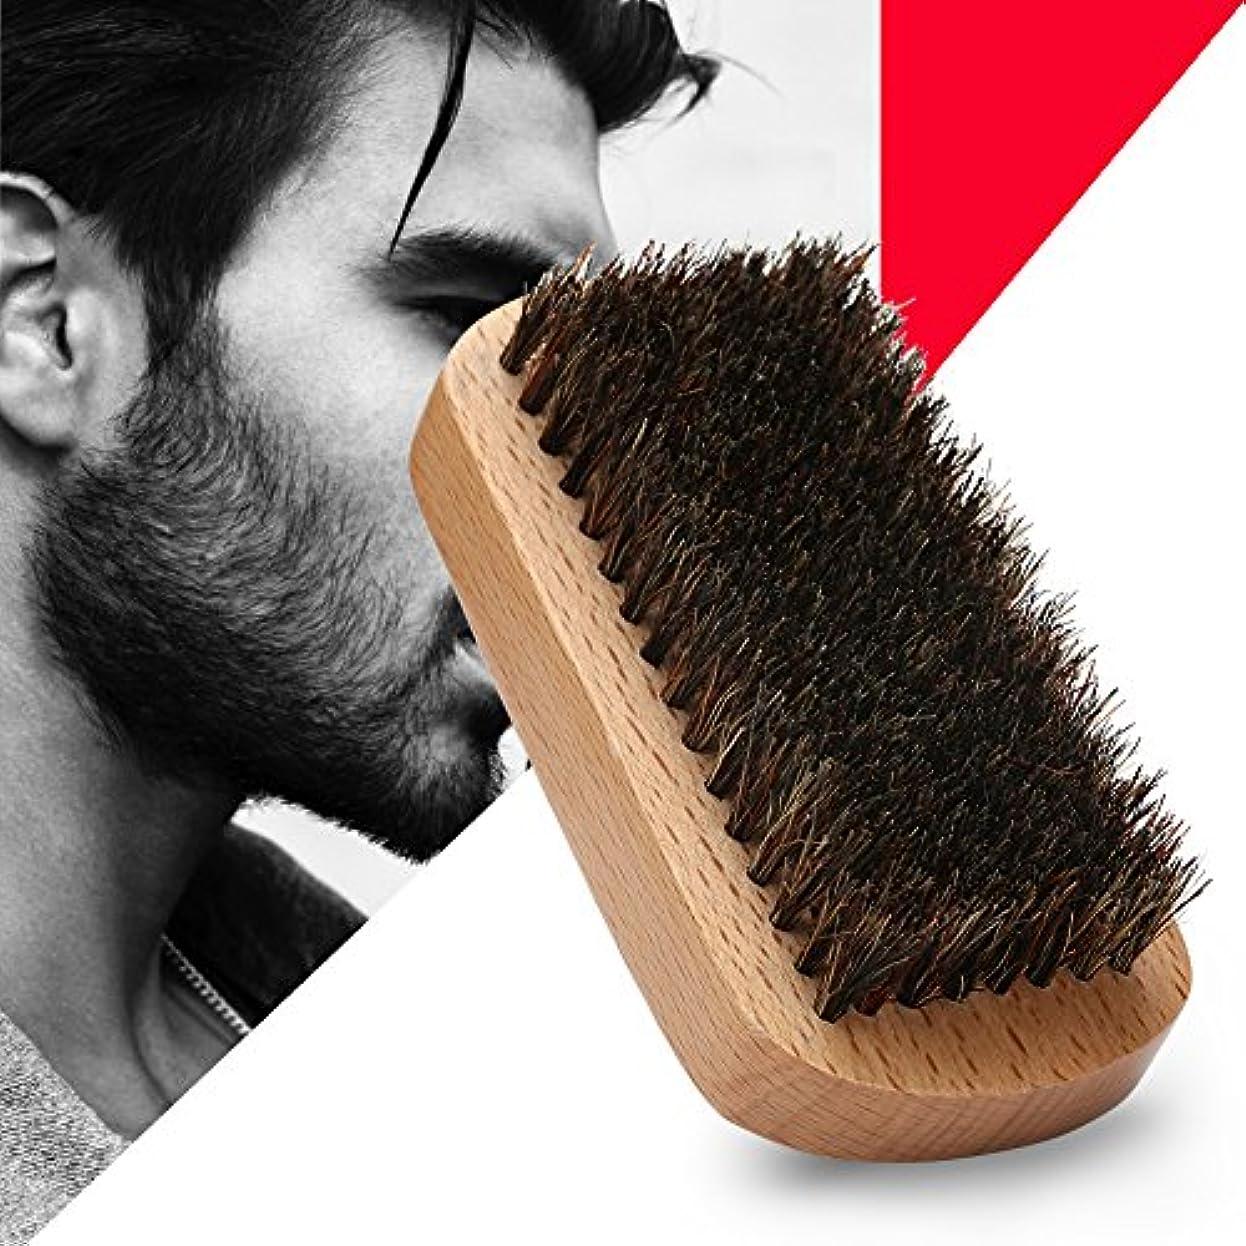 捕虜公爵極貧シェービングブラシ メンズ ウッド 豚剛毛 クリーニング 髭剃り 泡立ち 洗顔ブラシ メンズ ブラック 長方形